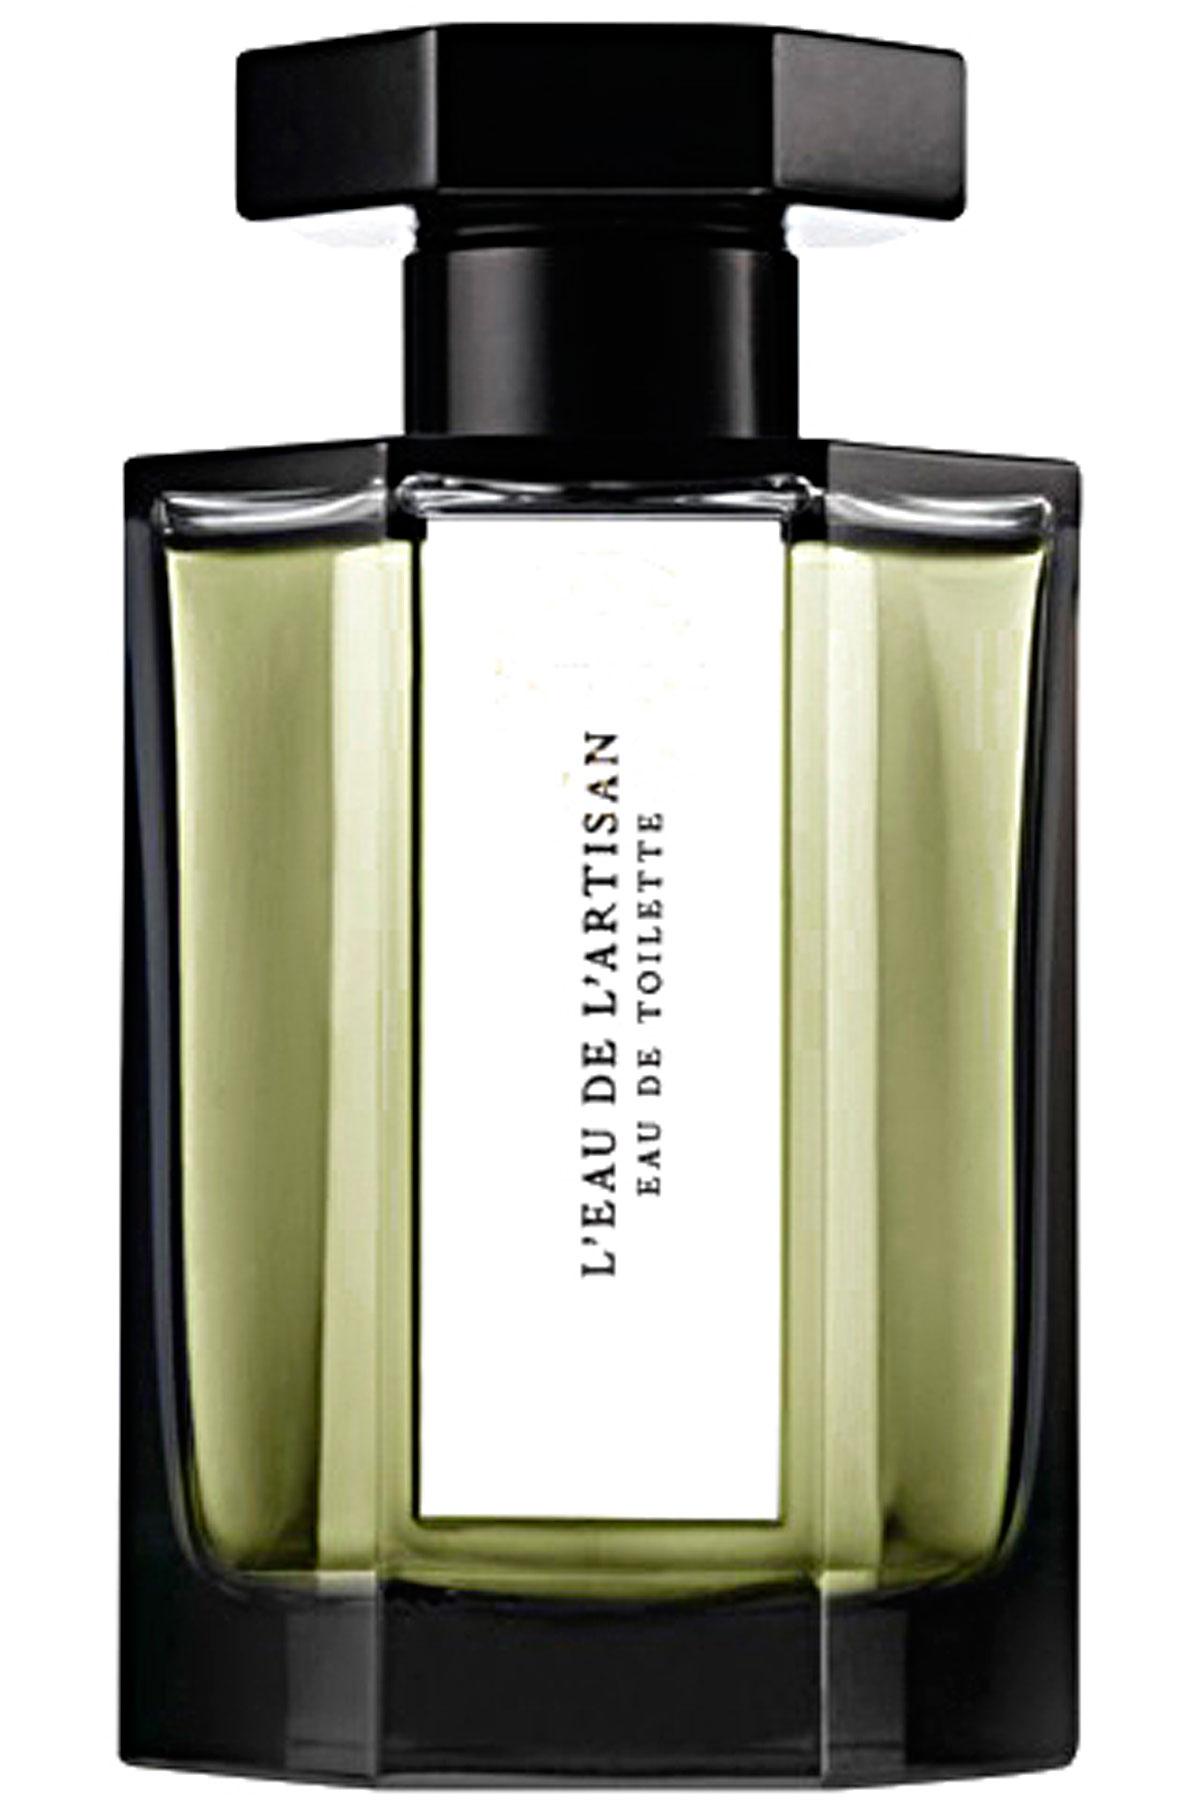 Artisan Parfumeur Fragrances for Women, L Eau De L Artisan - Eau De Toilette - 100 Ml, 2019, 100 ml